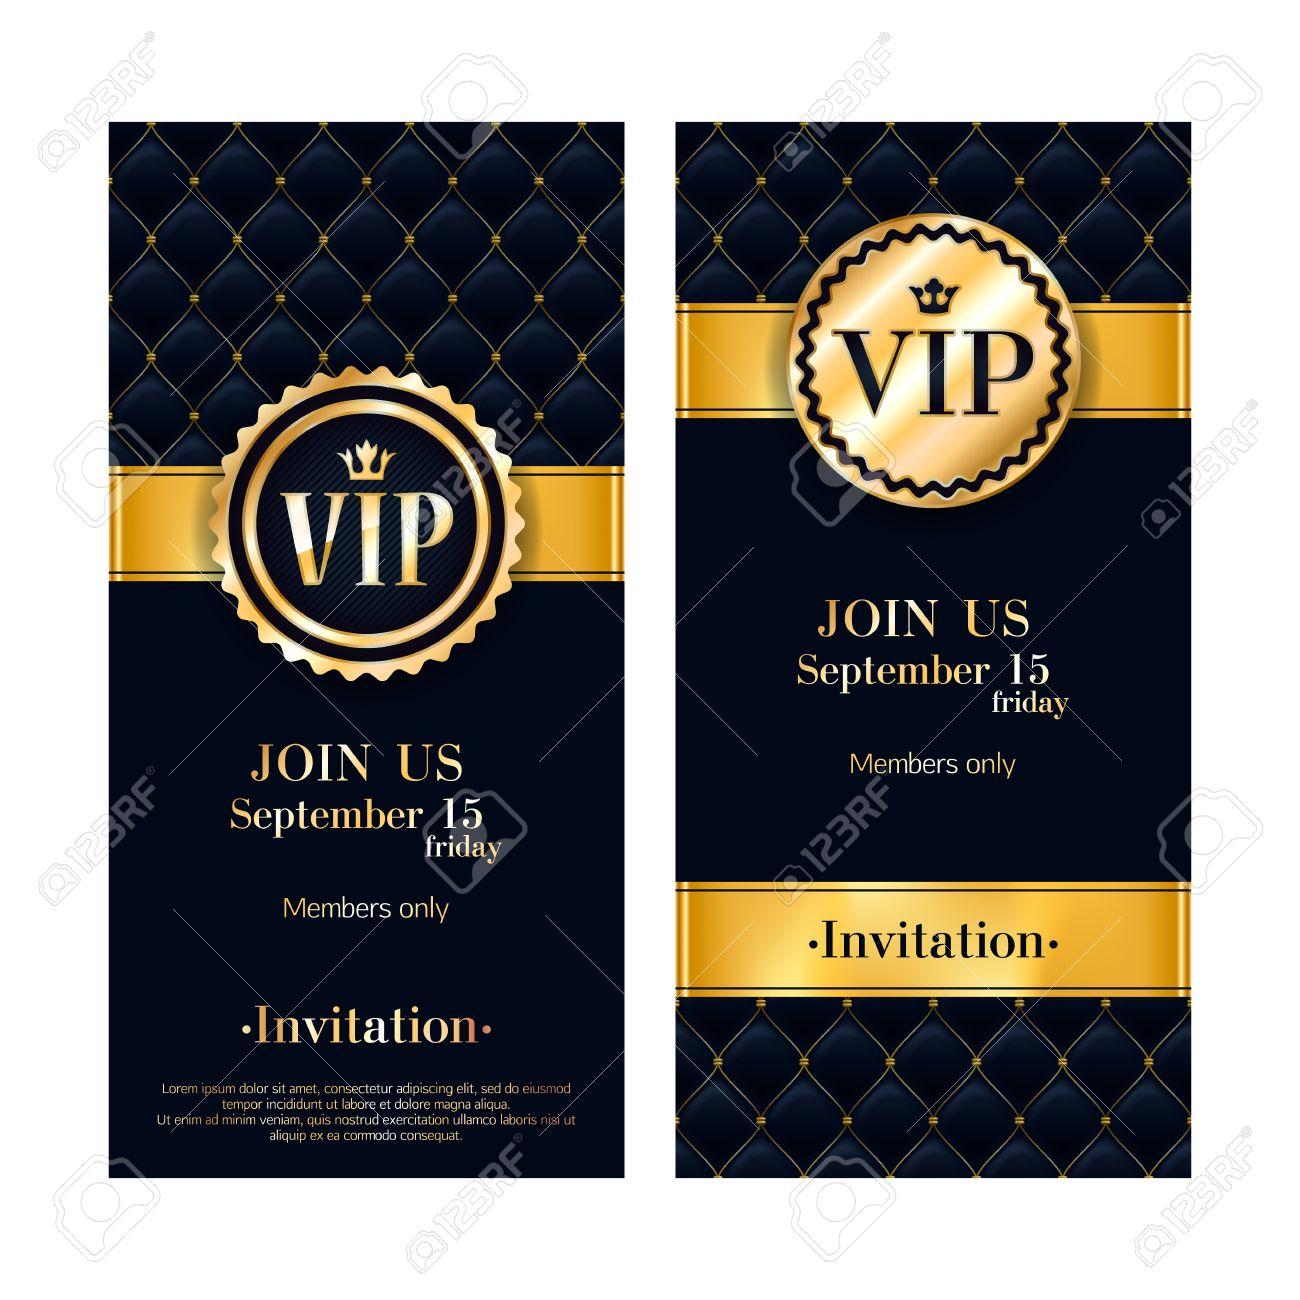 vip パーティー プレミアム招待状カード ポスター 黒と金のデザイン